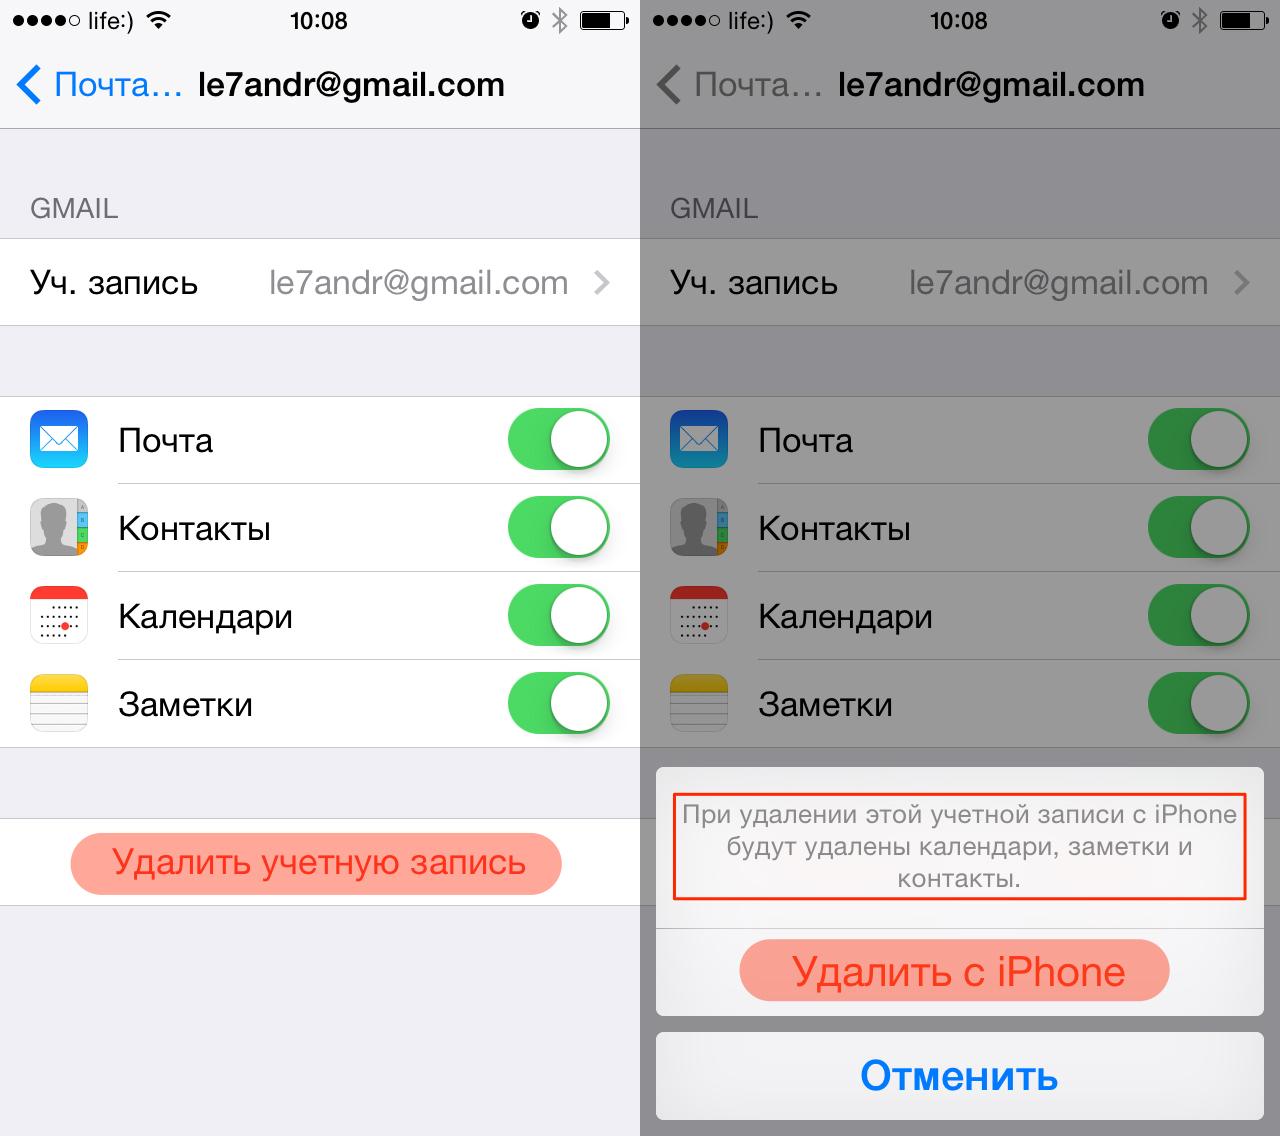 Удаление учетной записи электронной почты на iPhone